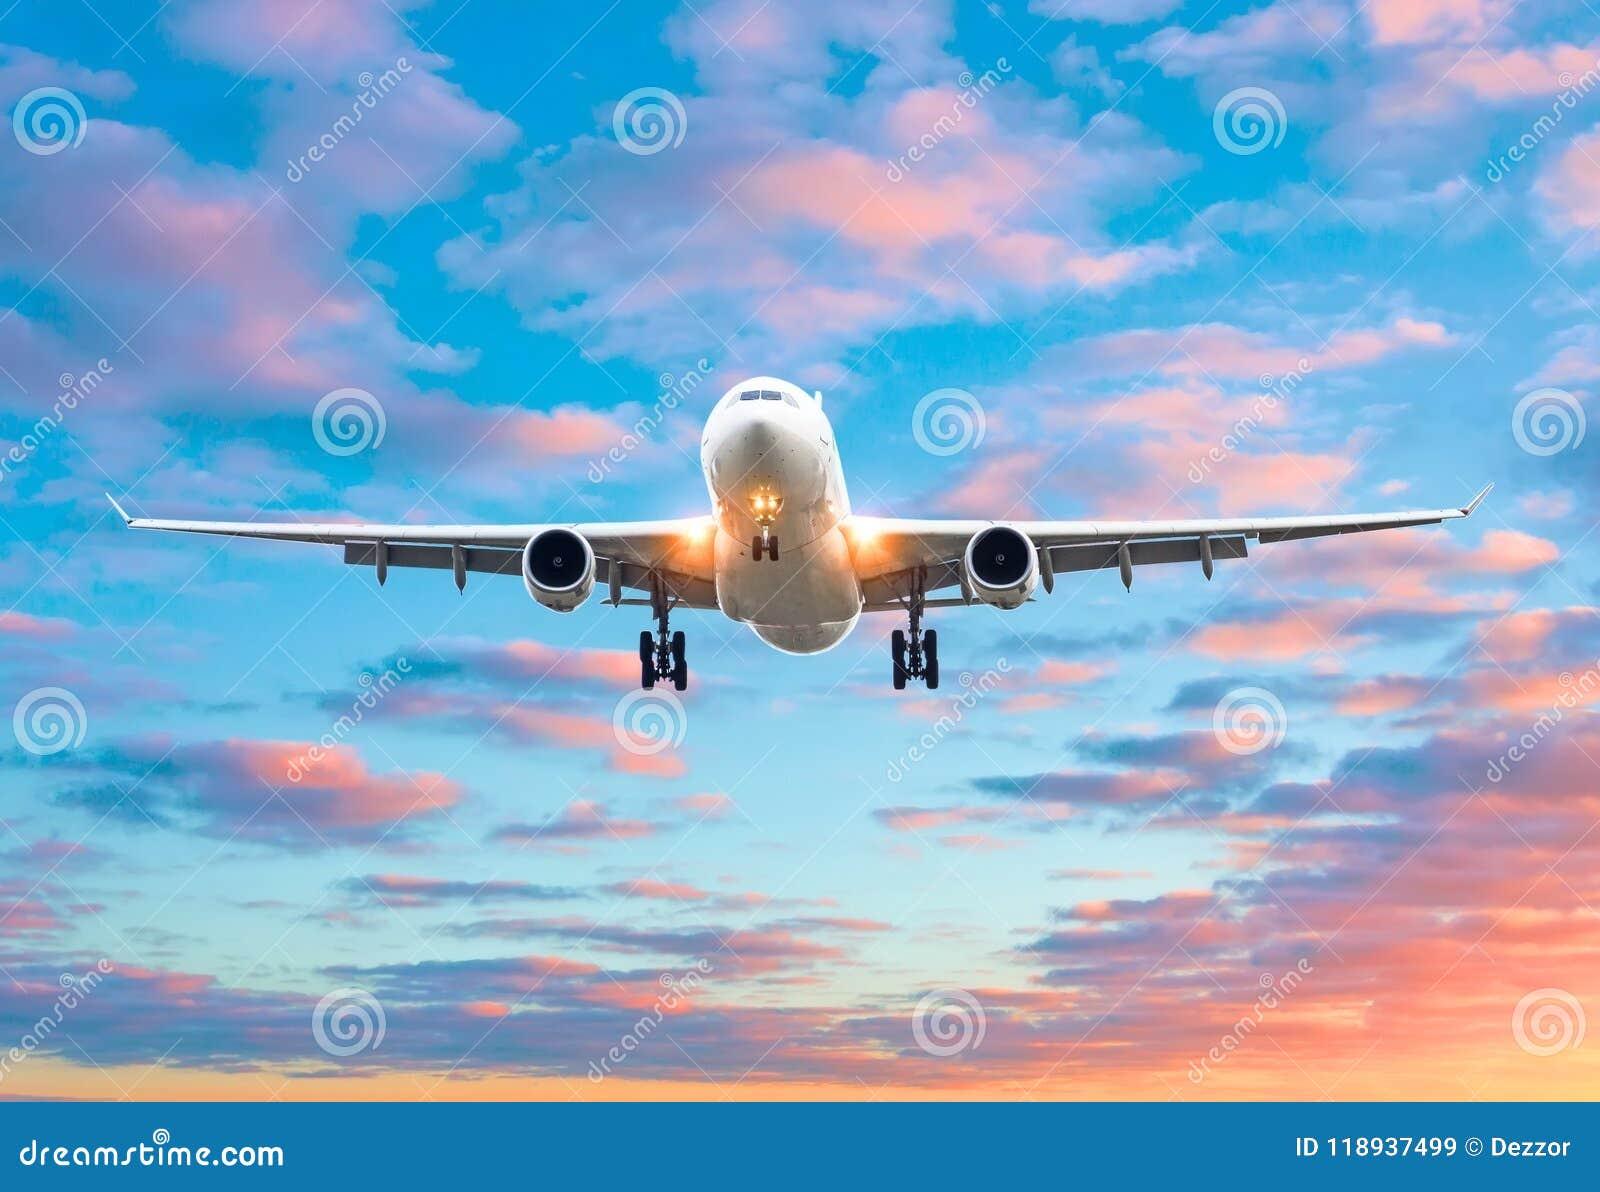 飞机飞行在一个跑道机场的到来着陆在一明亮的红色日落cloudscape期间的晚上